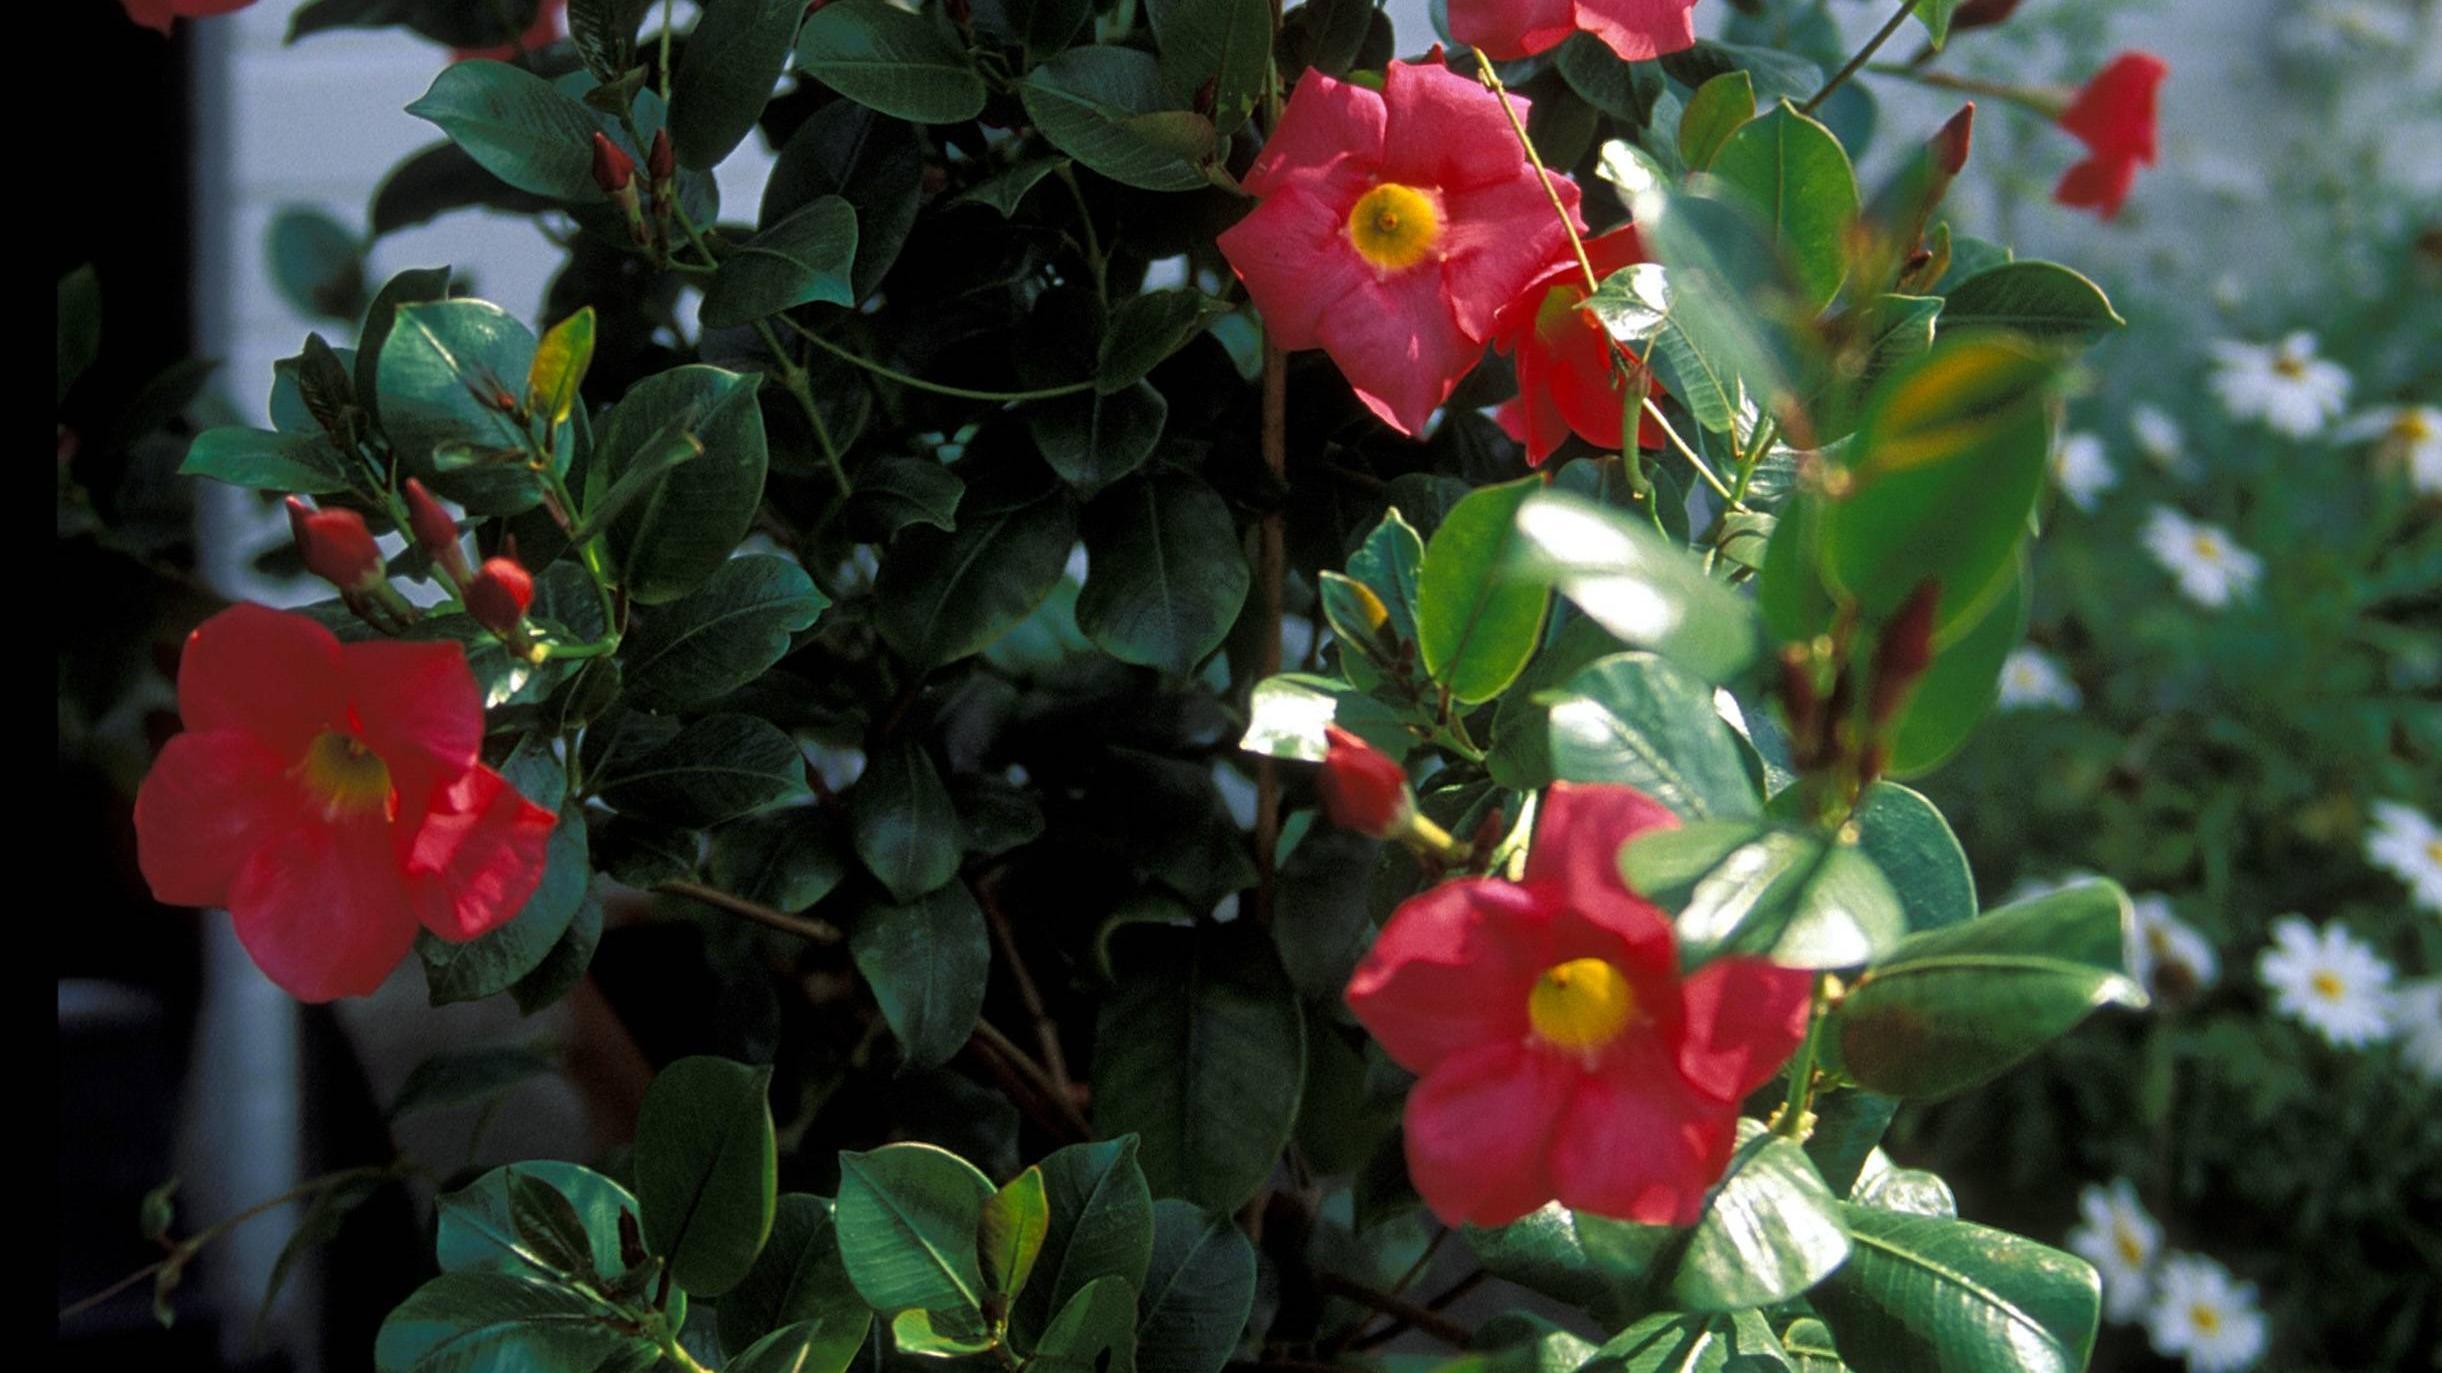 Mit der richtigen Pflege erstrahlt die Blütenpracht der Dipladenia ganz ohne gelbe Blätter.